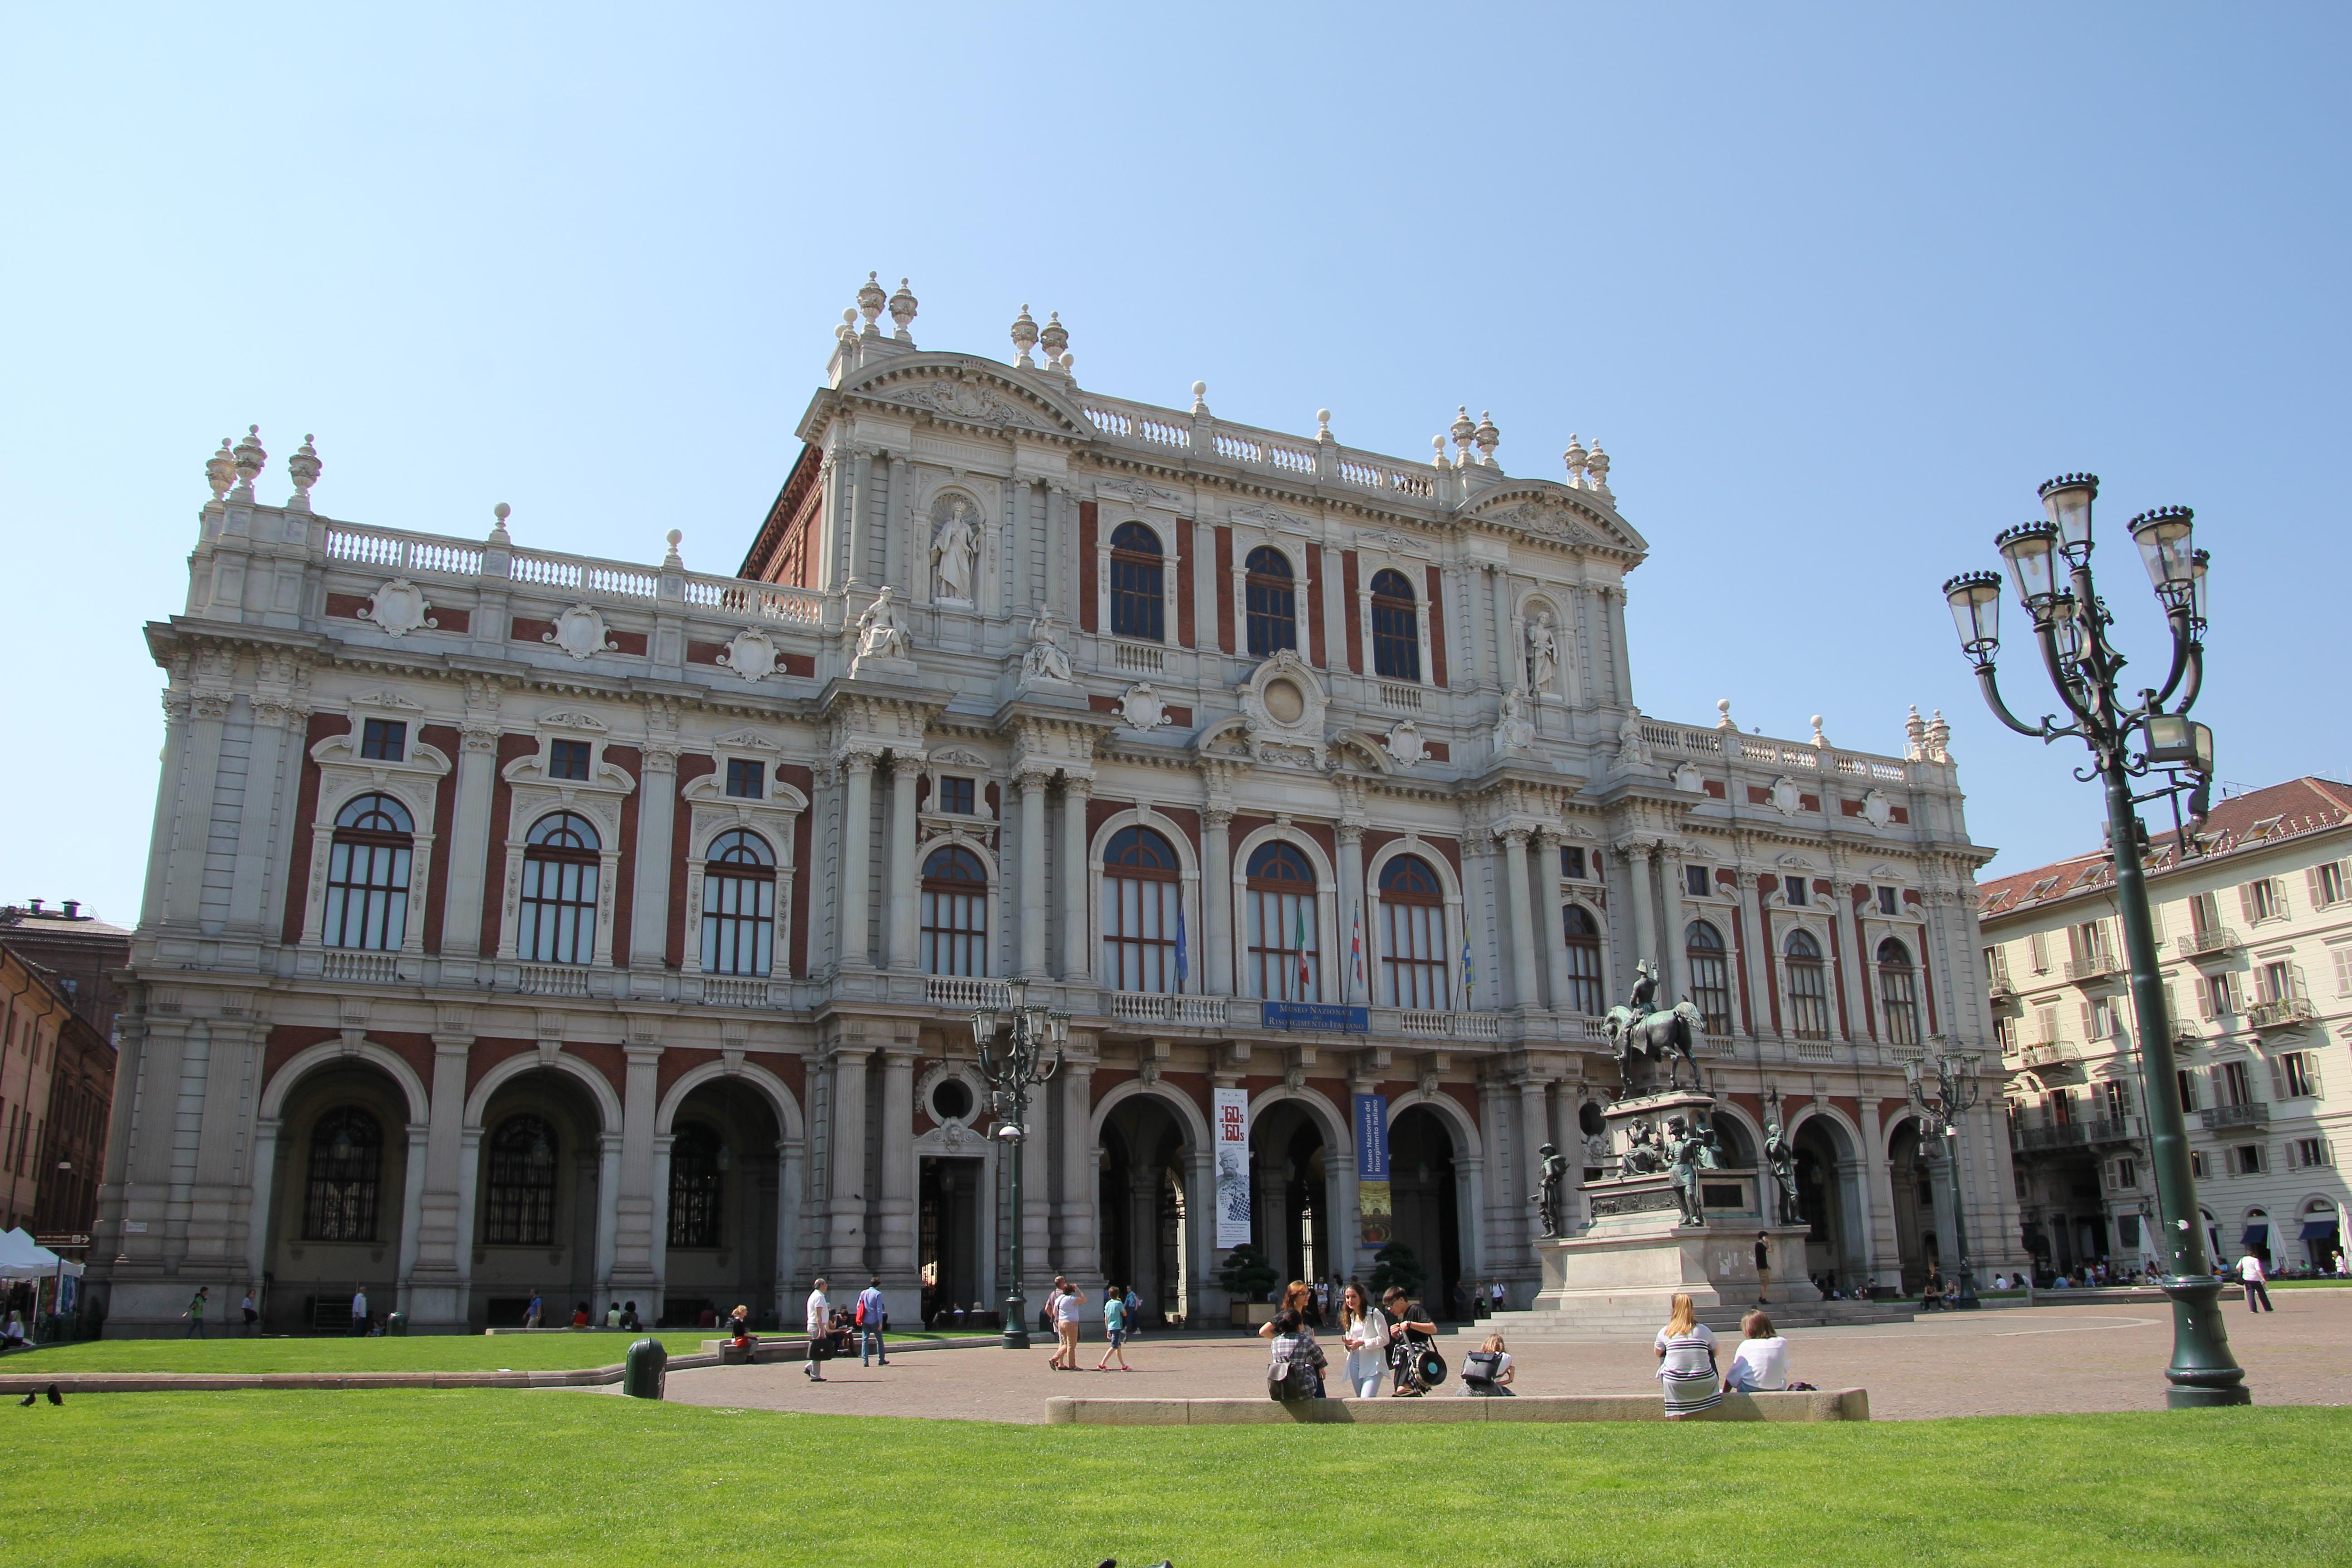 Museo Del Risorgimento Torino.File Torino Museo Del Risorgimento Italiano 06 Jpg Wikipedia